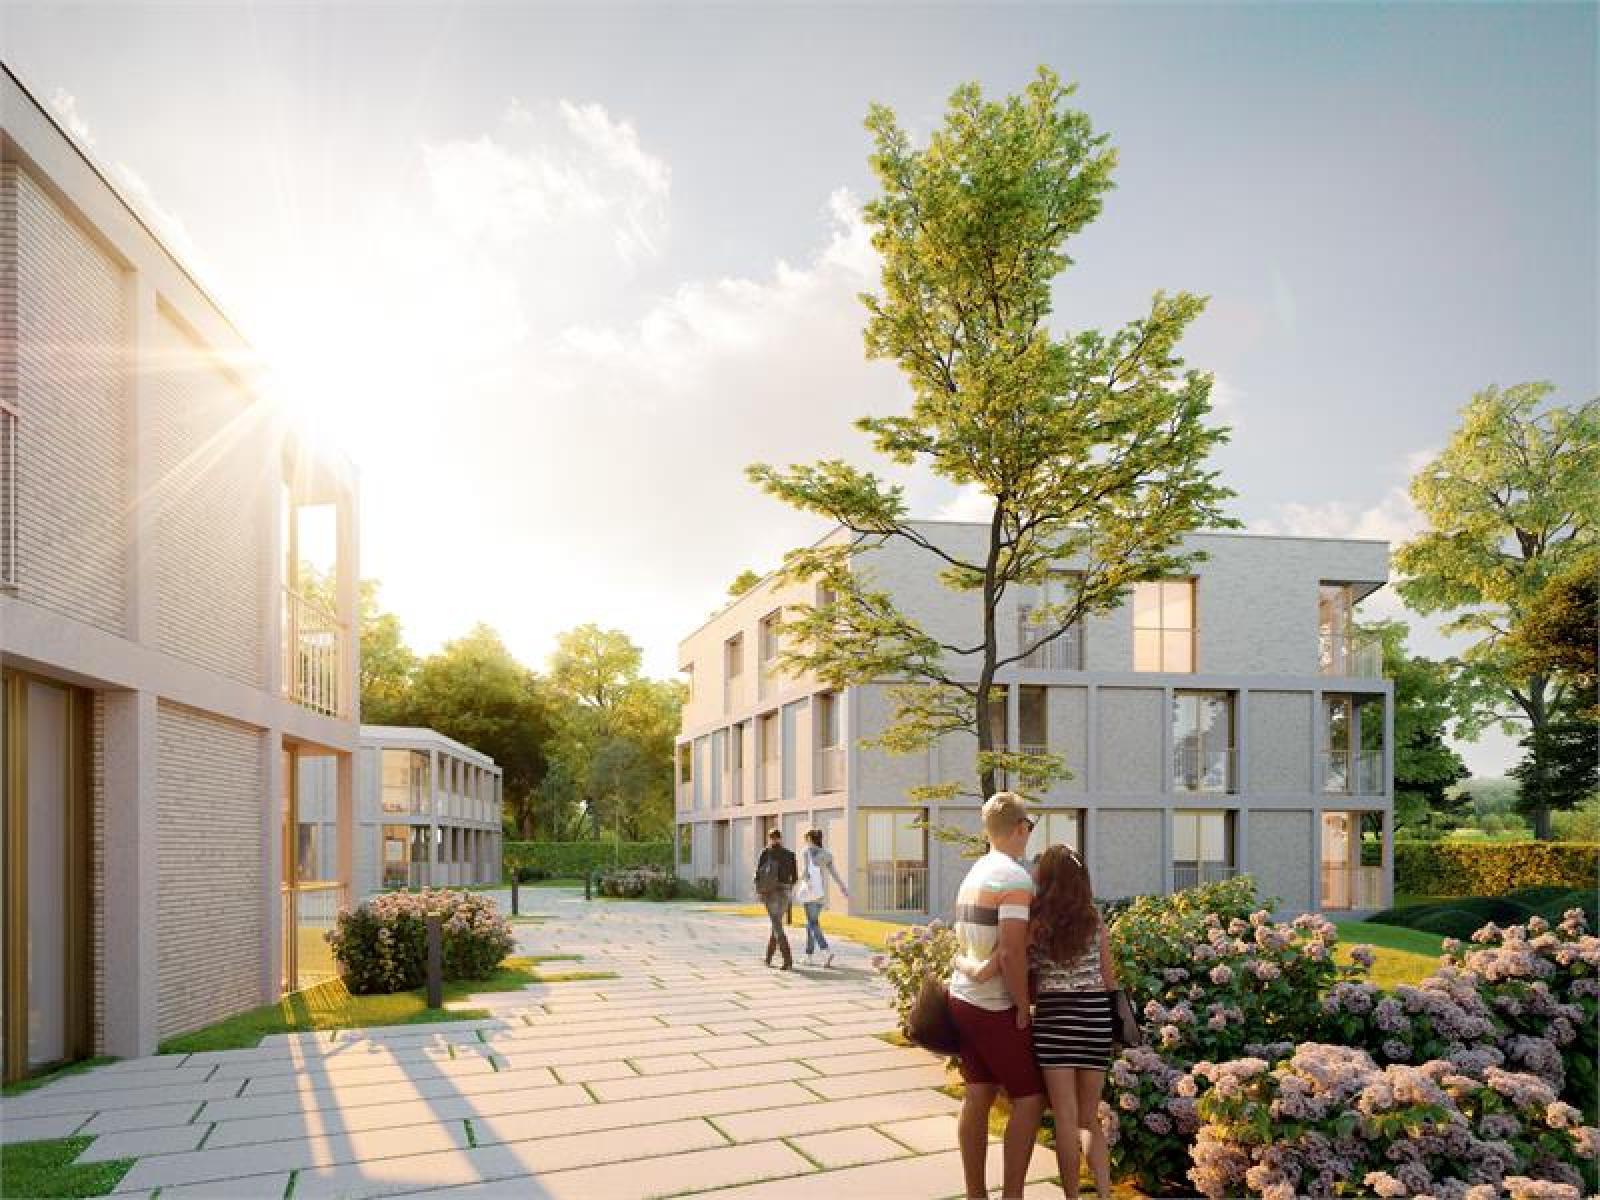 Nieuwbouw BEN-appartement op de tweede verdieping in prachtig binnengebied! afbeelding 4